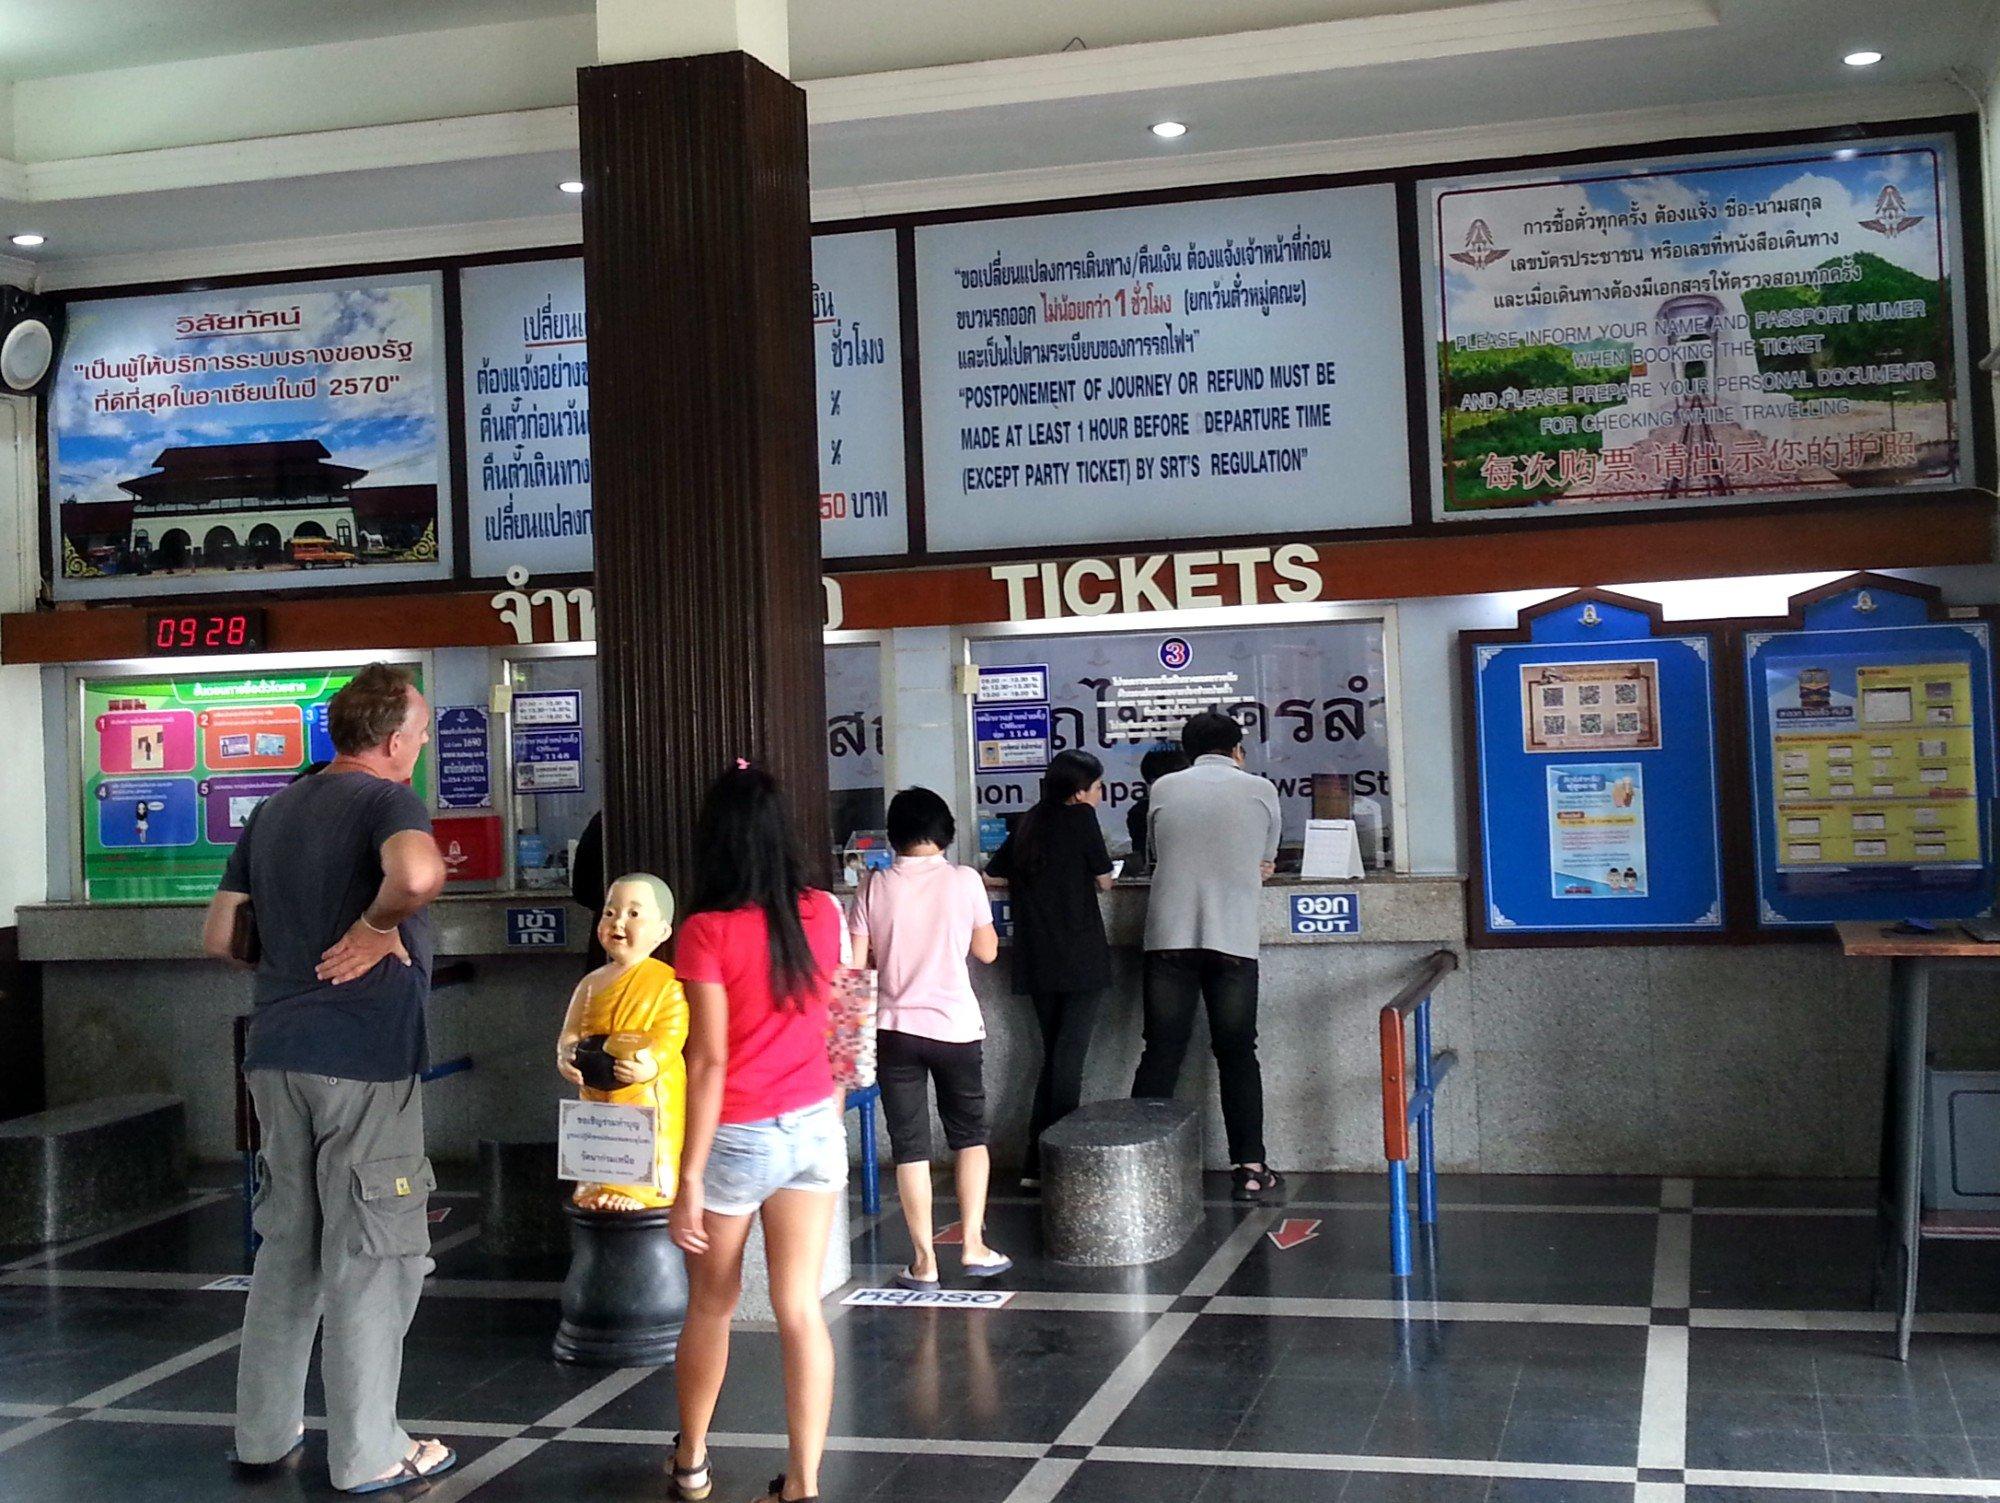 Ticket counters at Lampang Railway Station